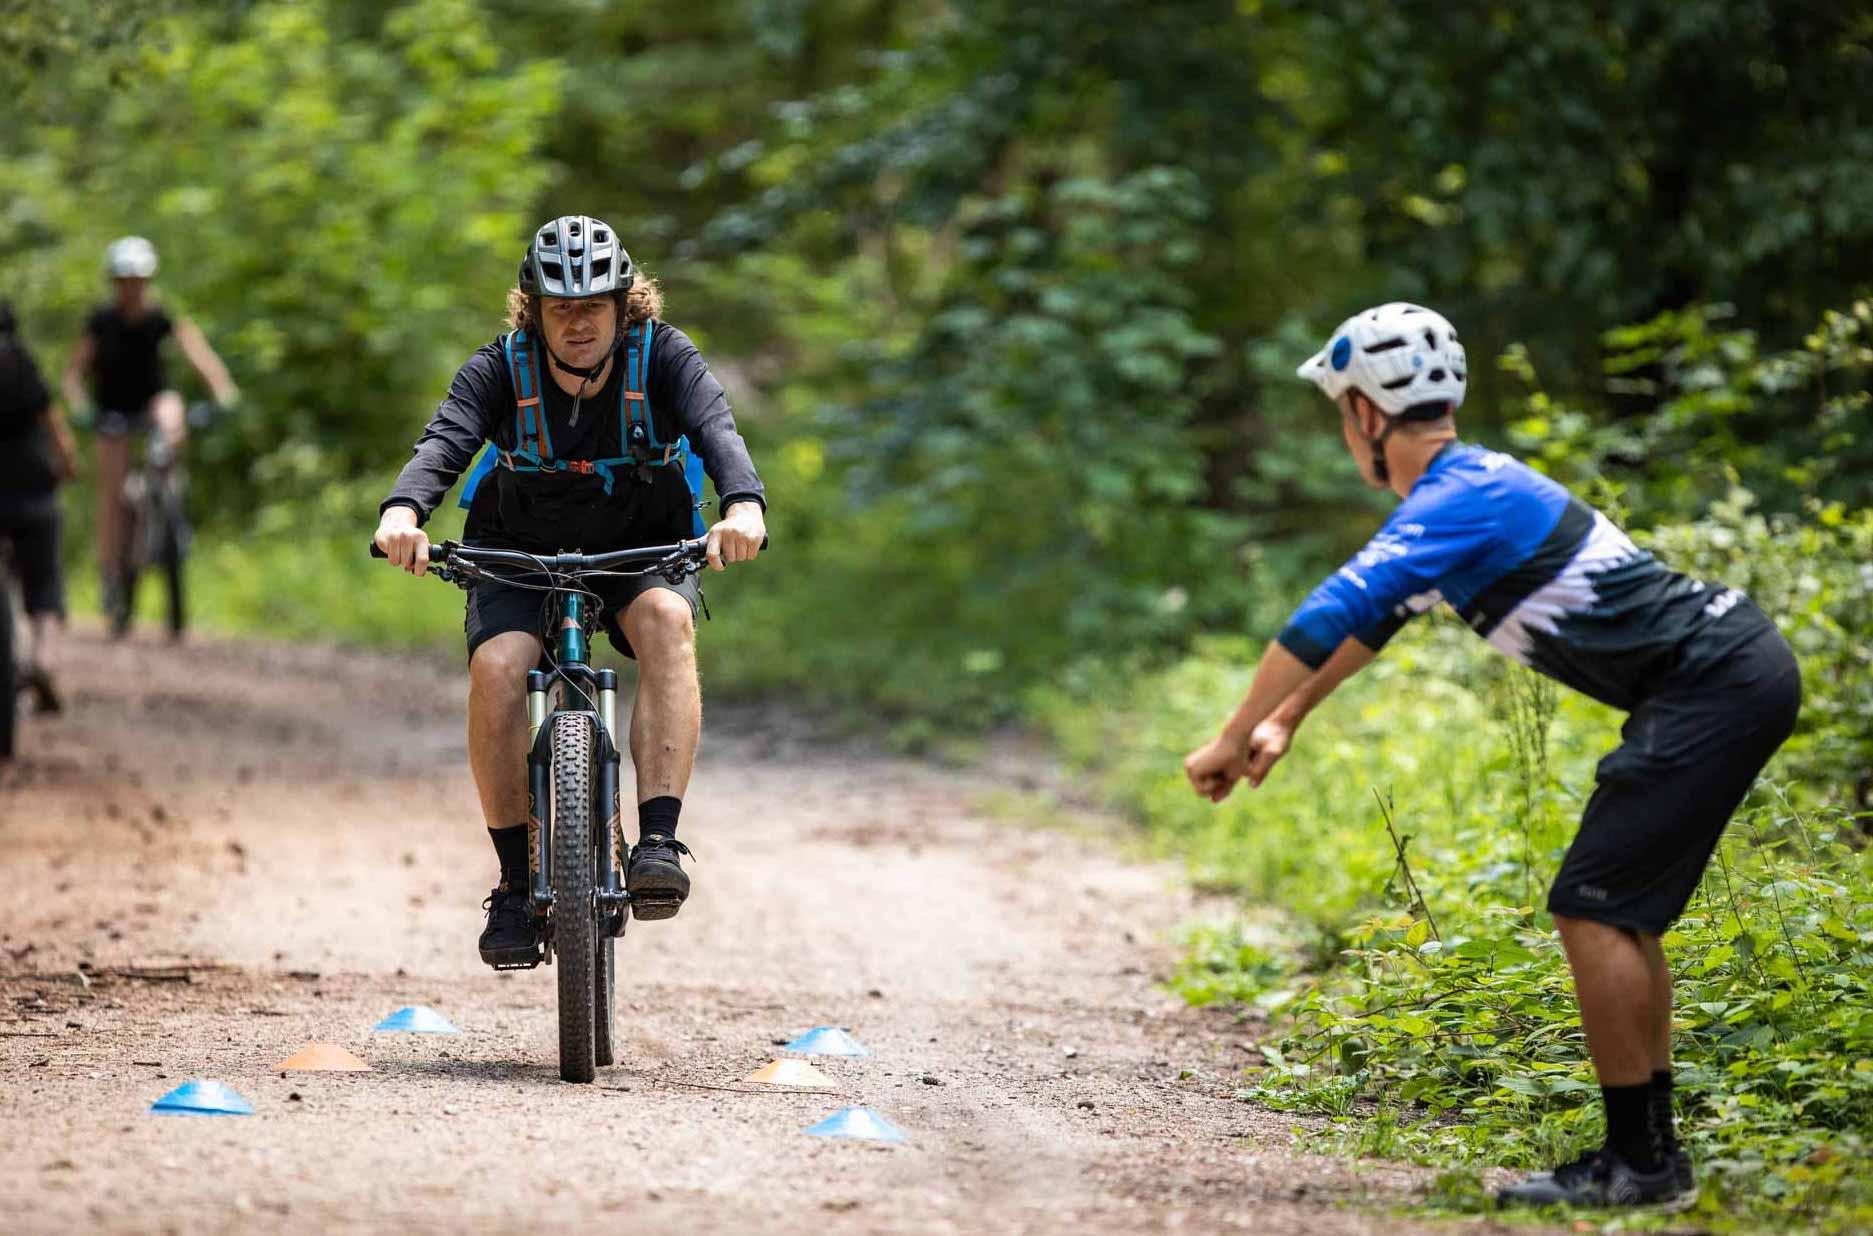 MTB Fahrtechnik Kurs für Einsteiger in Koblenz - Mountainbike Basic - Rock my Trail Bikeschule